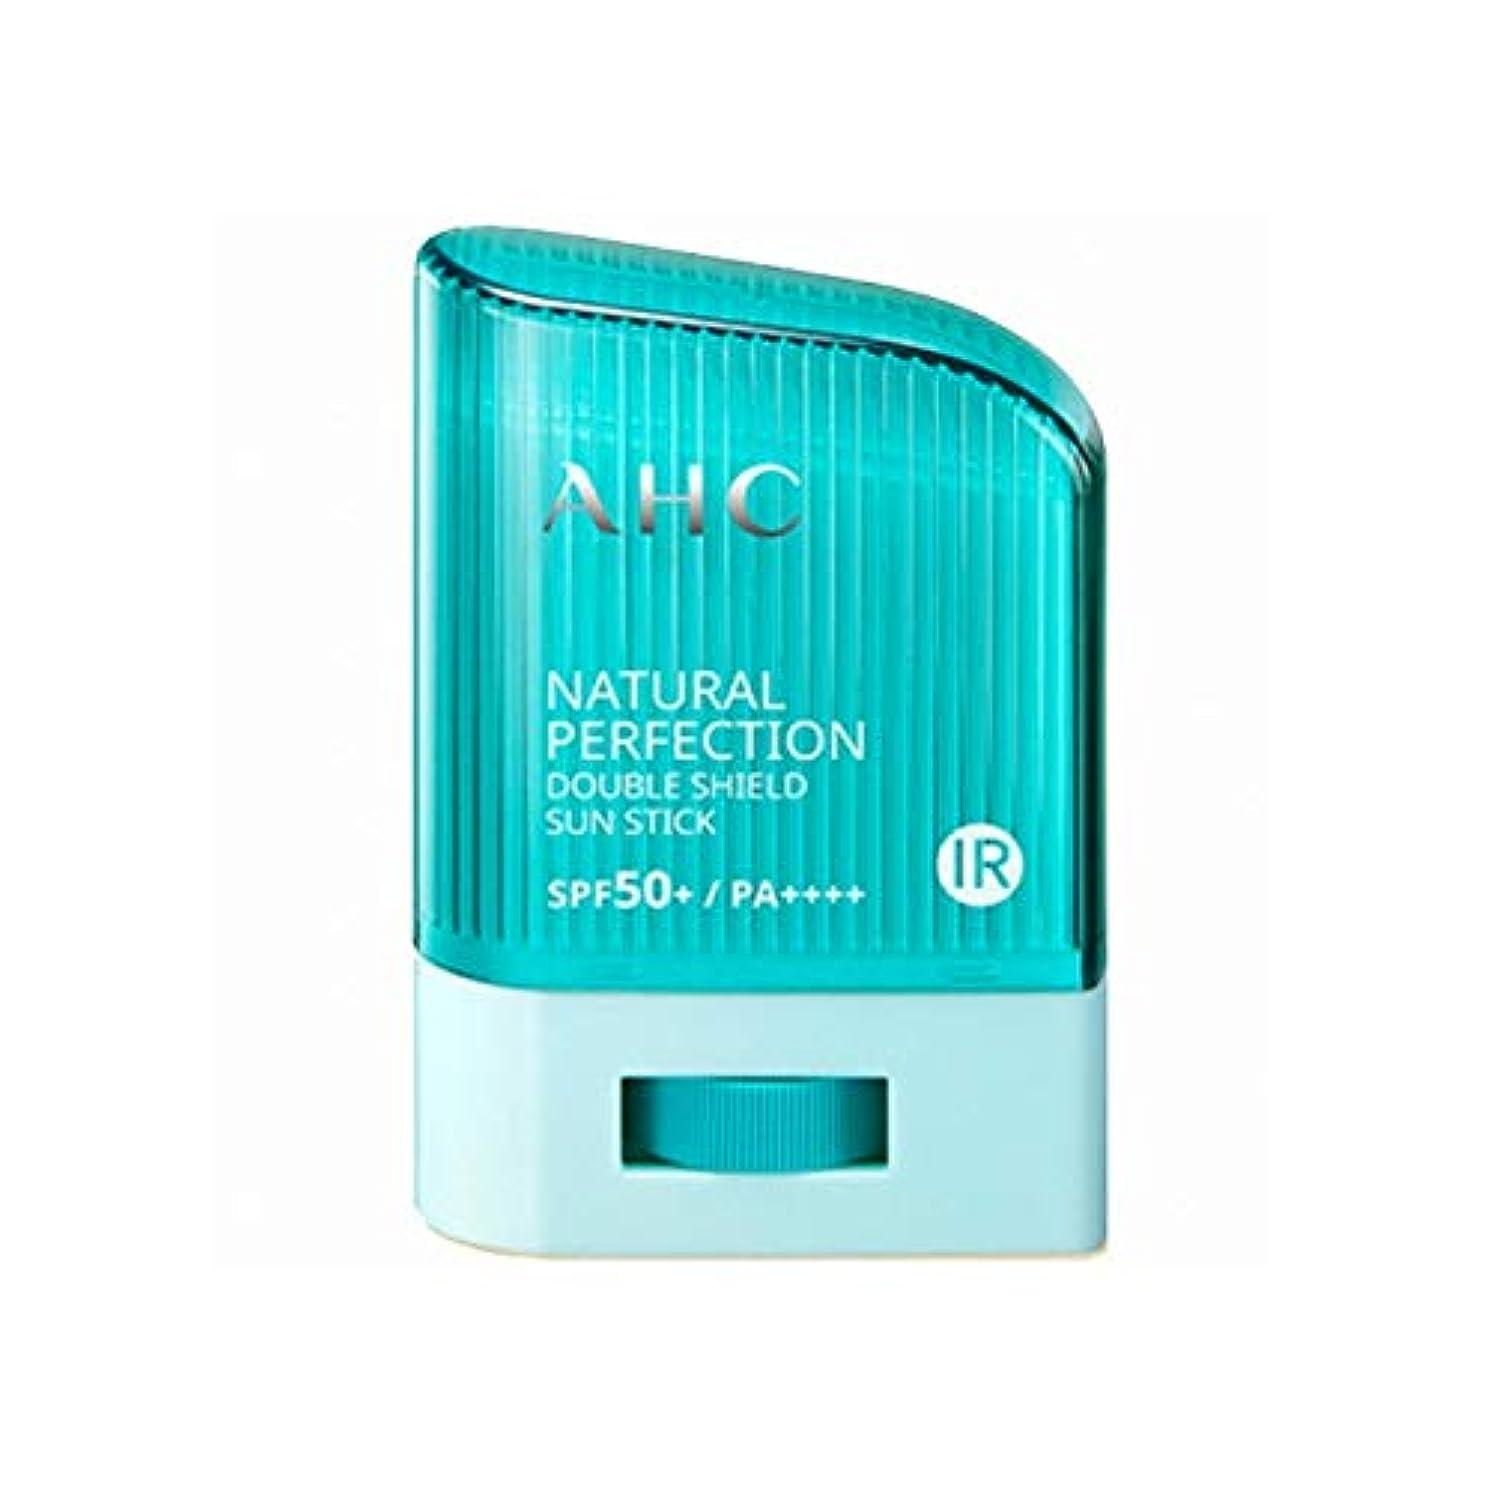 ロボット地獄人道的AHC ナチュラルパーフェクションダブルシールドサンスティック 14g, Natural Perfection Double Shield Sun Stick SPF50+ PA++++ A.H.C